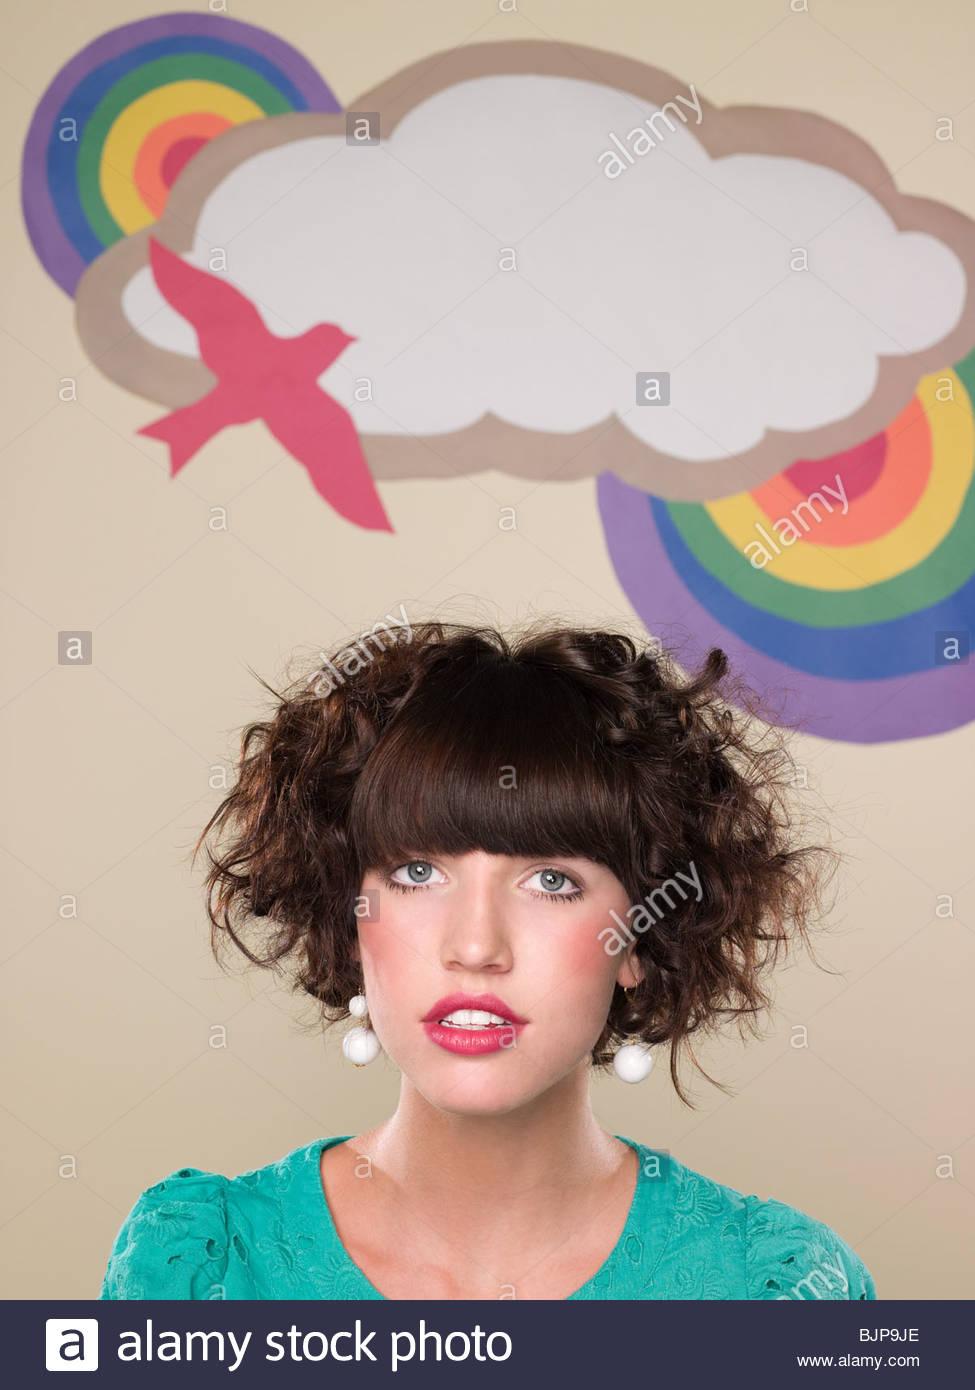 Chica y telón de fondo Imagen De Stock